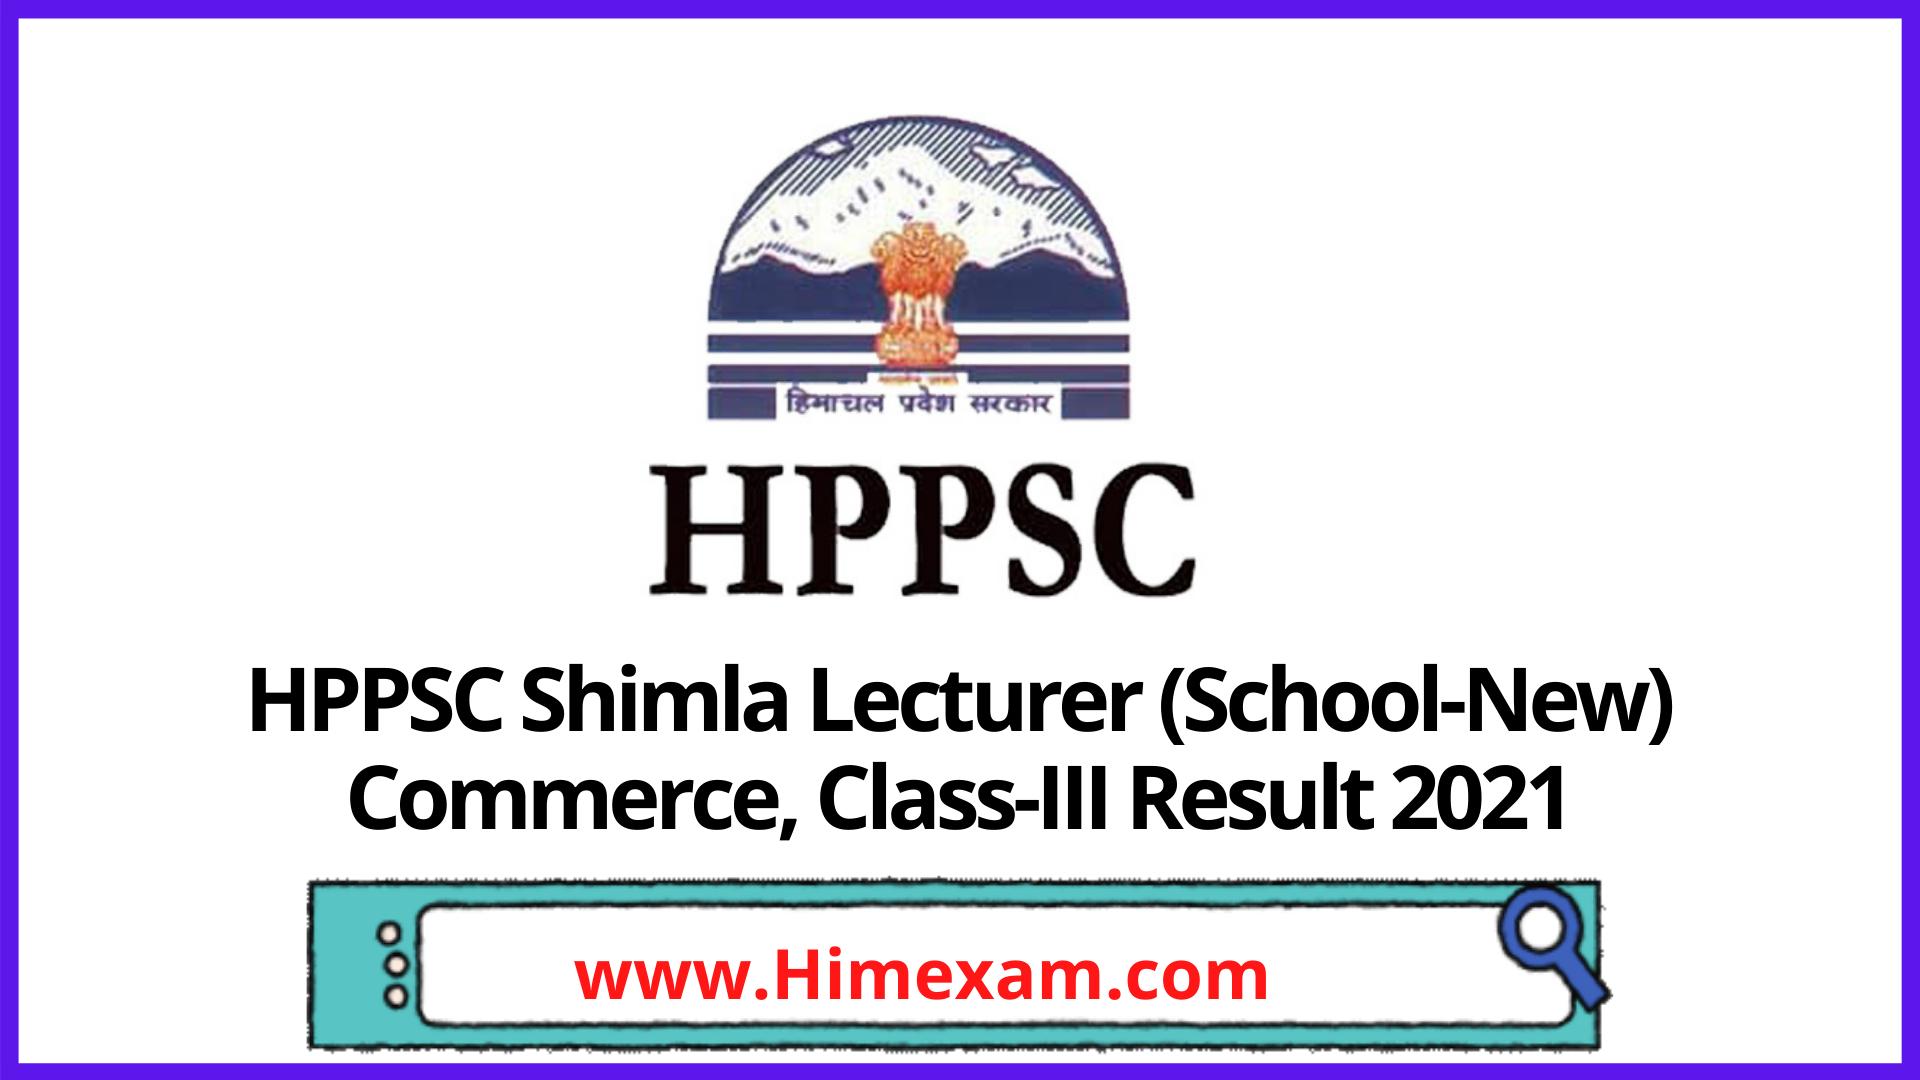 HPPSC Shimla Lecturer (School-New) Commerce, Class-III Result 2021